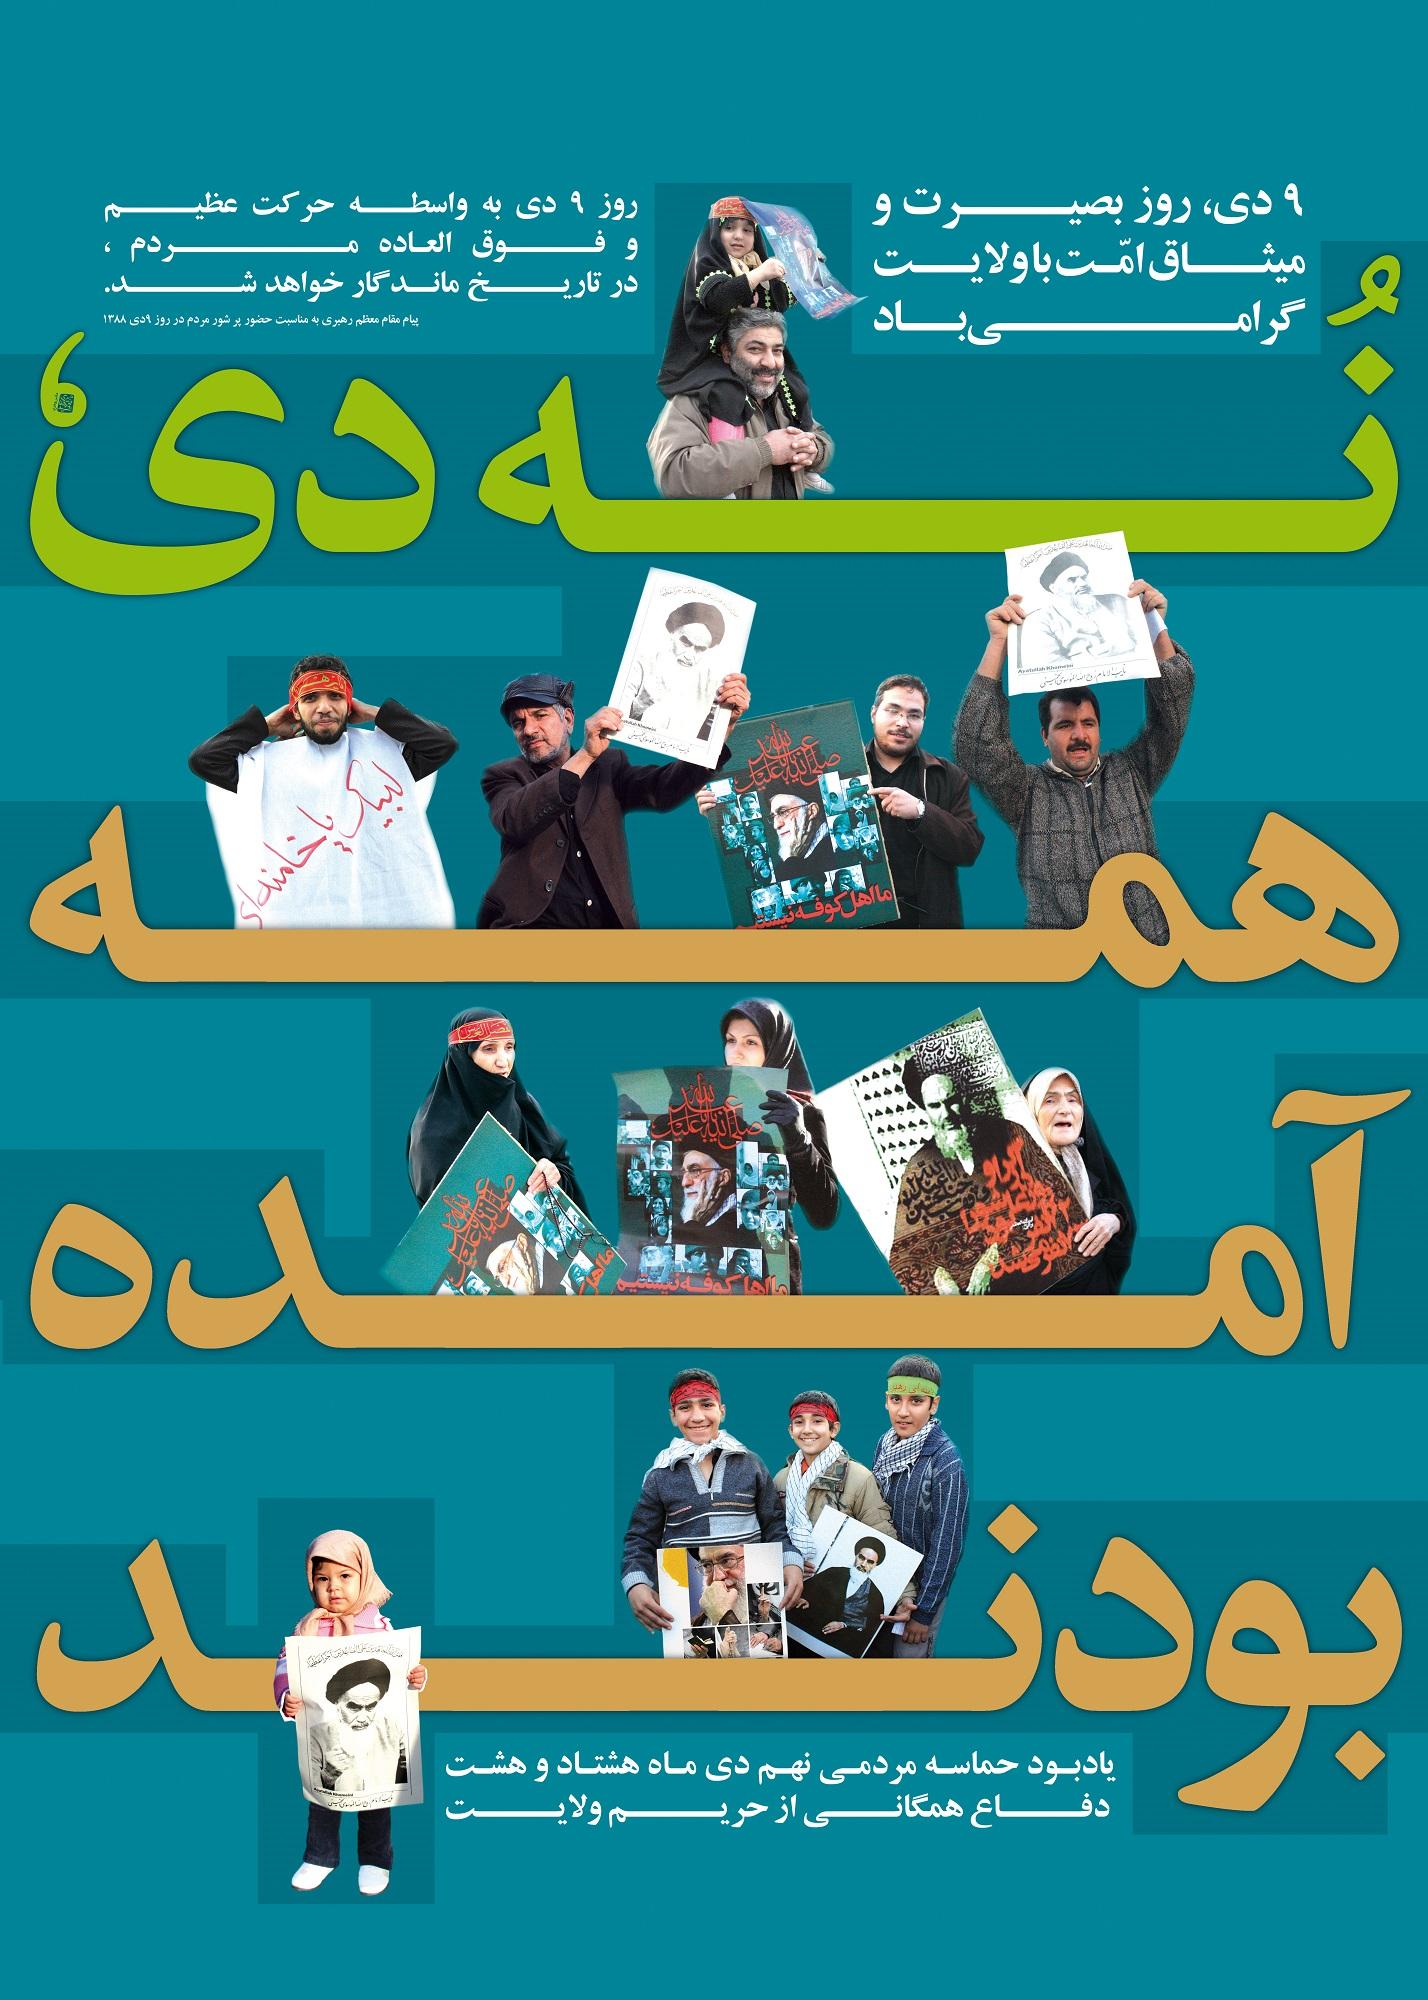 مراسم نهم دی در نجف آباد مراسم نهم دی در نجف آباد مراسم نهم دی در نجف آباد 9